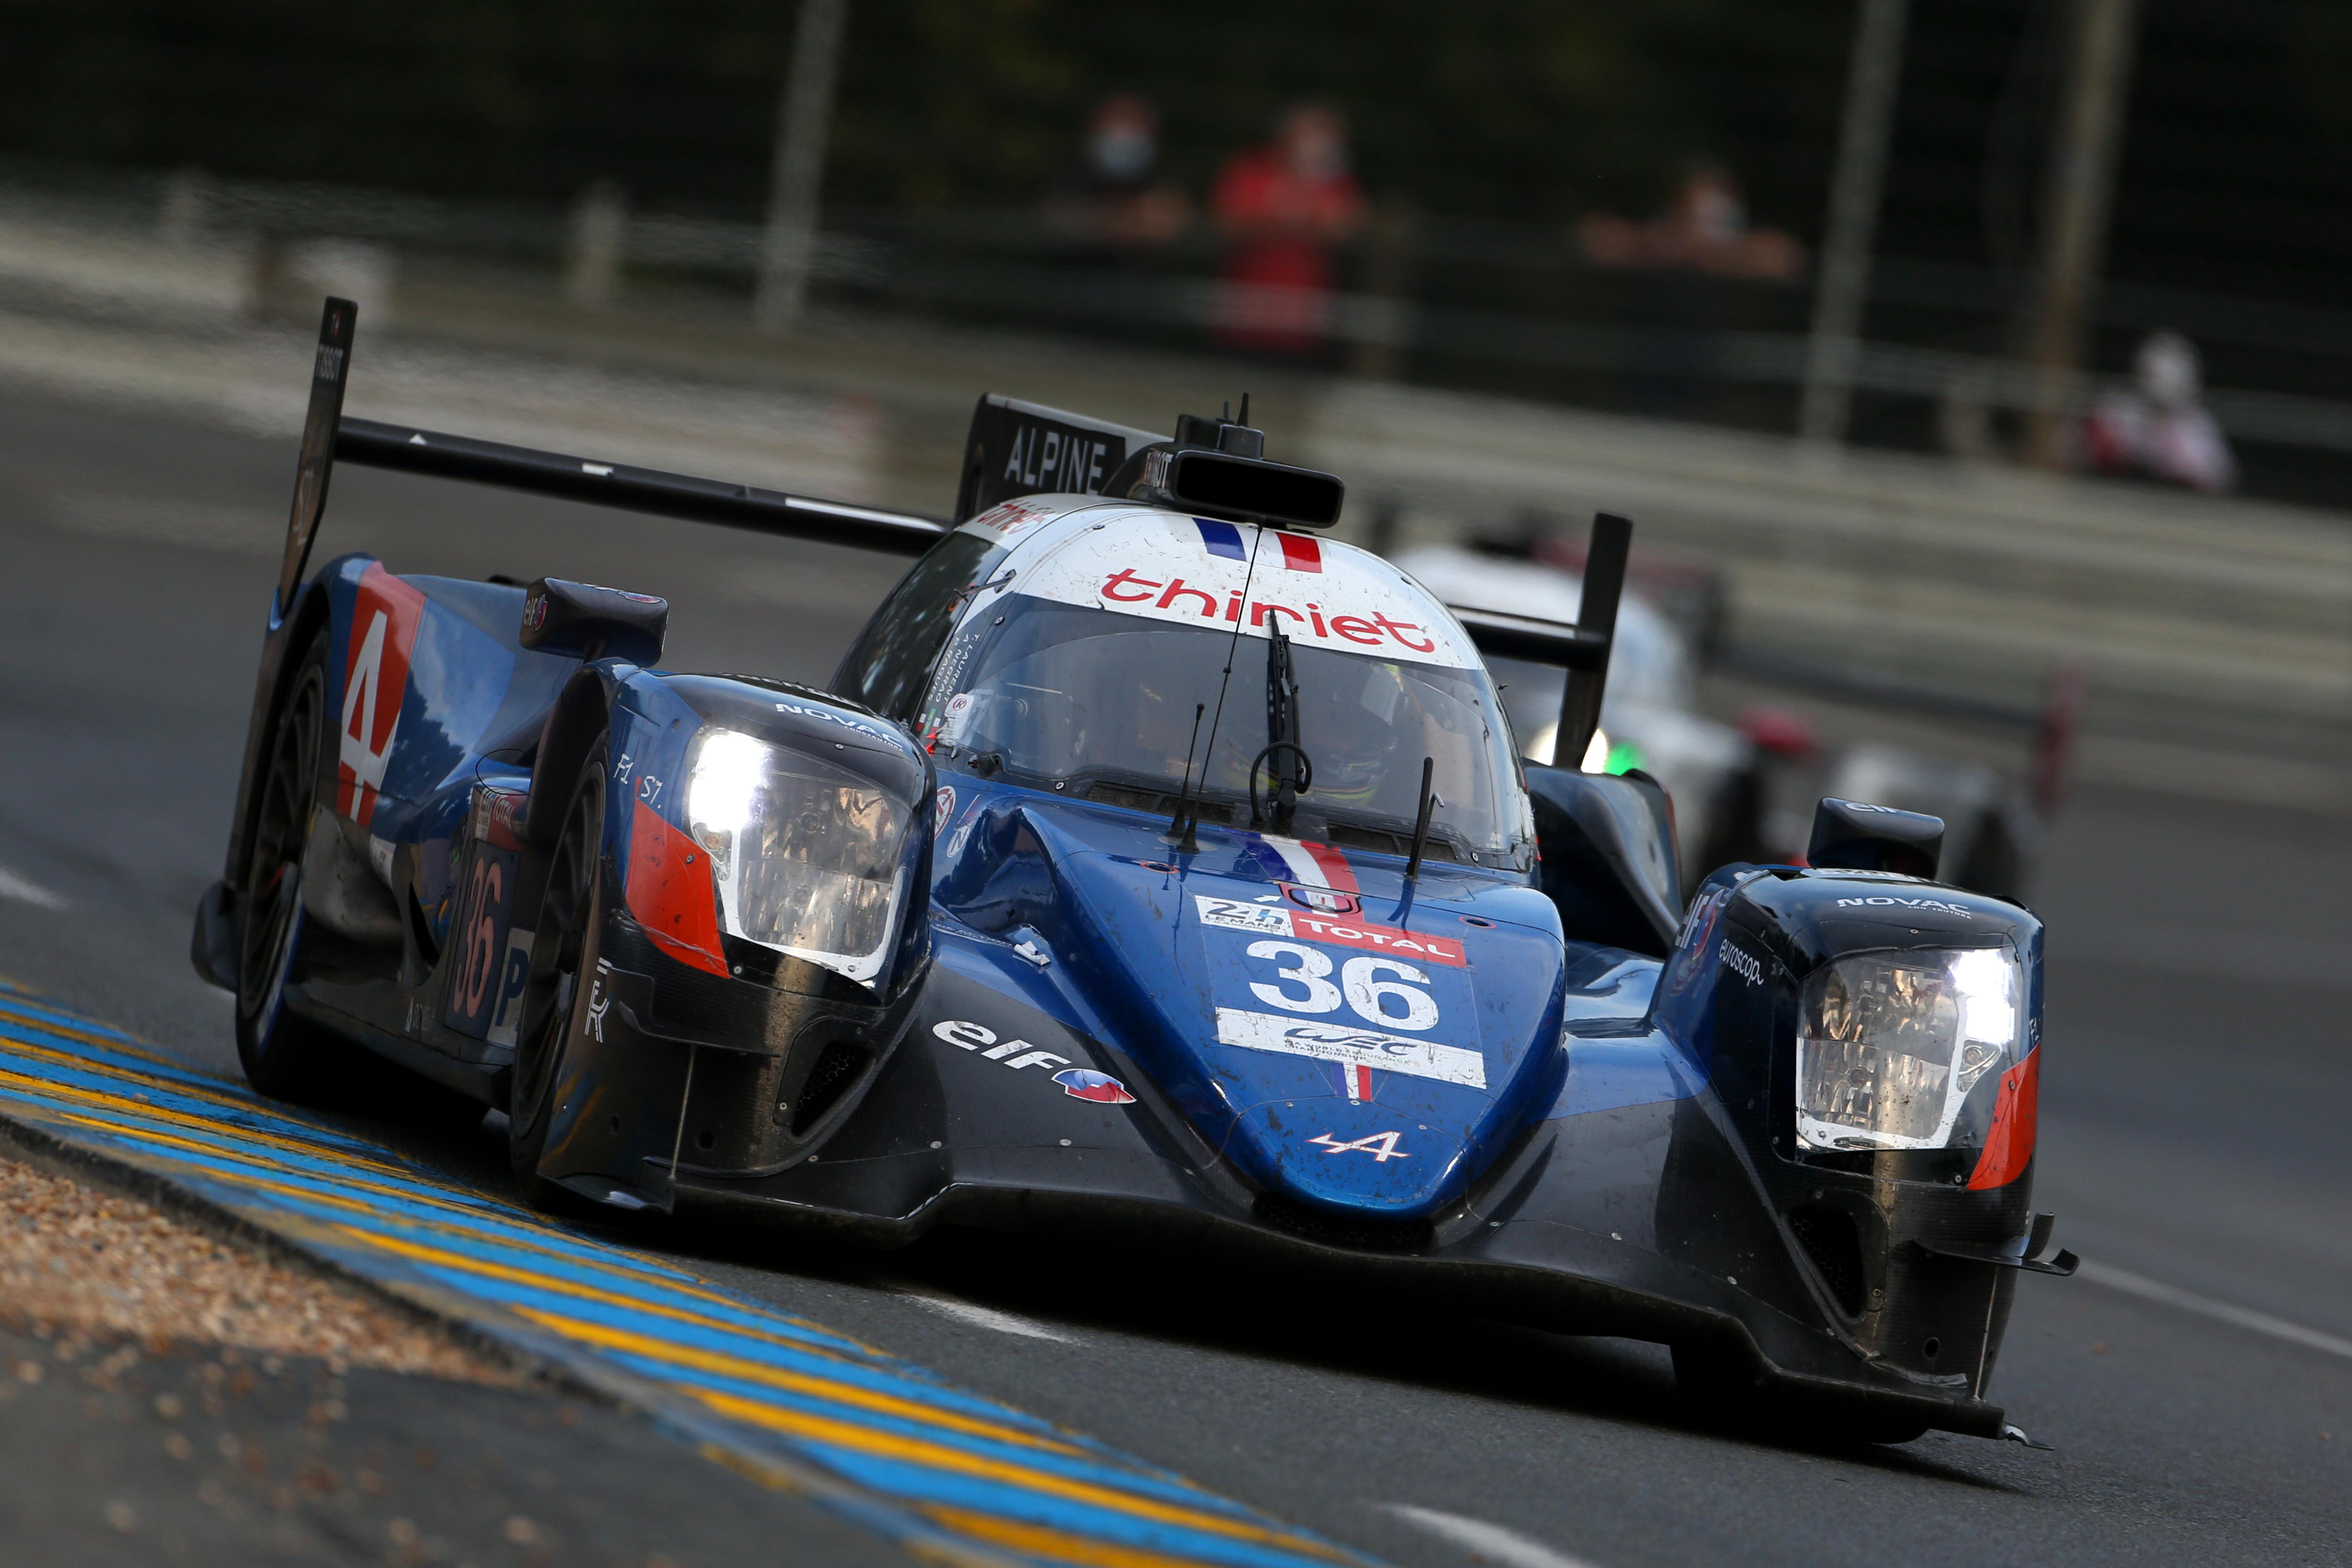 Signatech Alphine Le Mans 2020